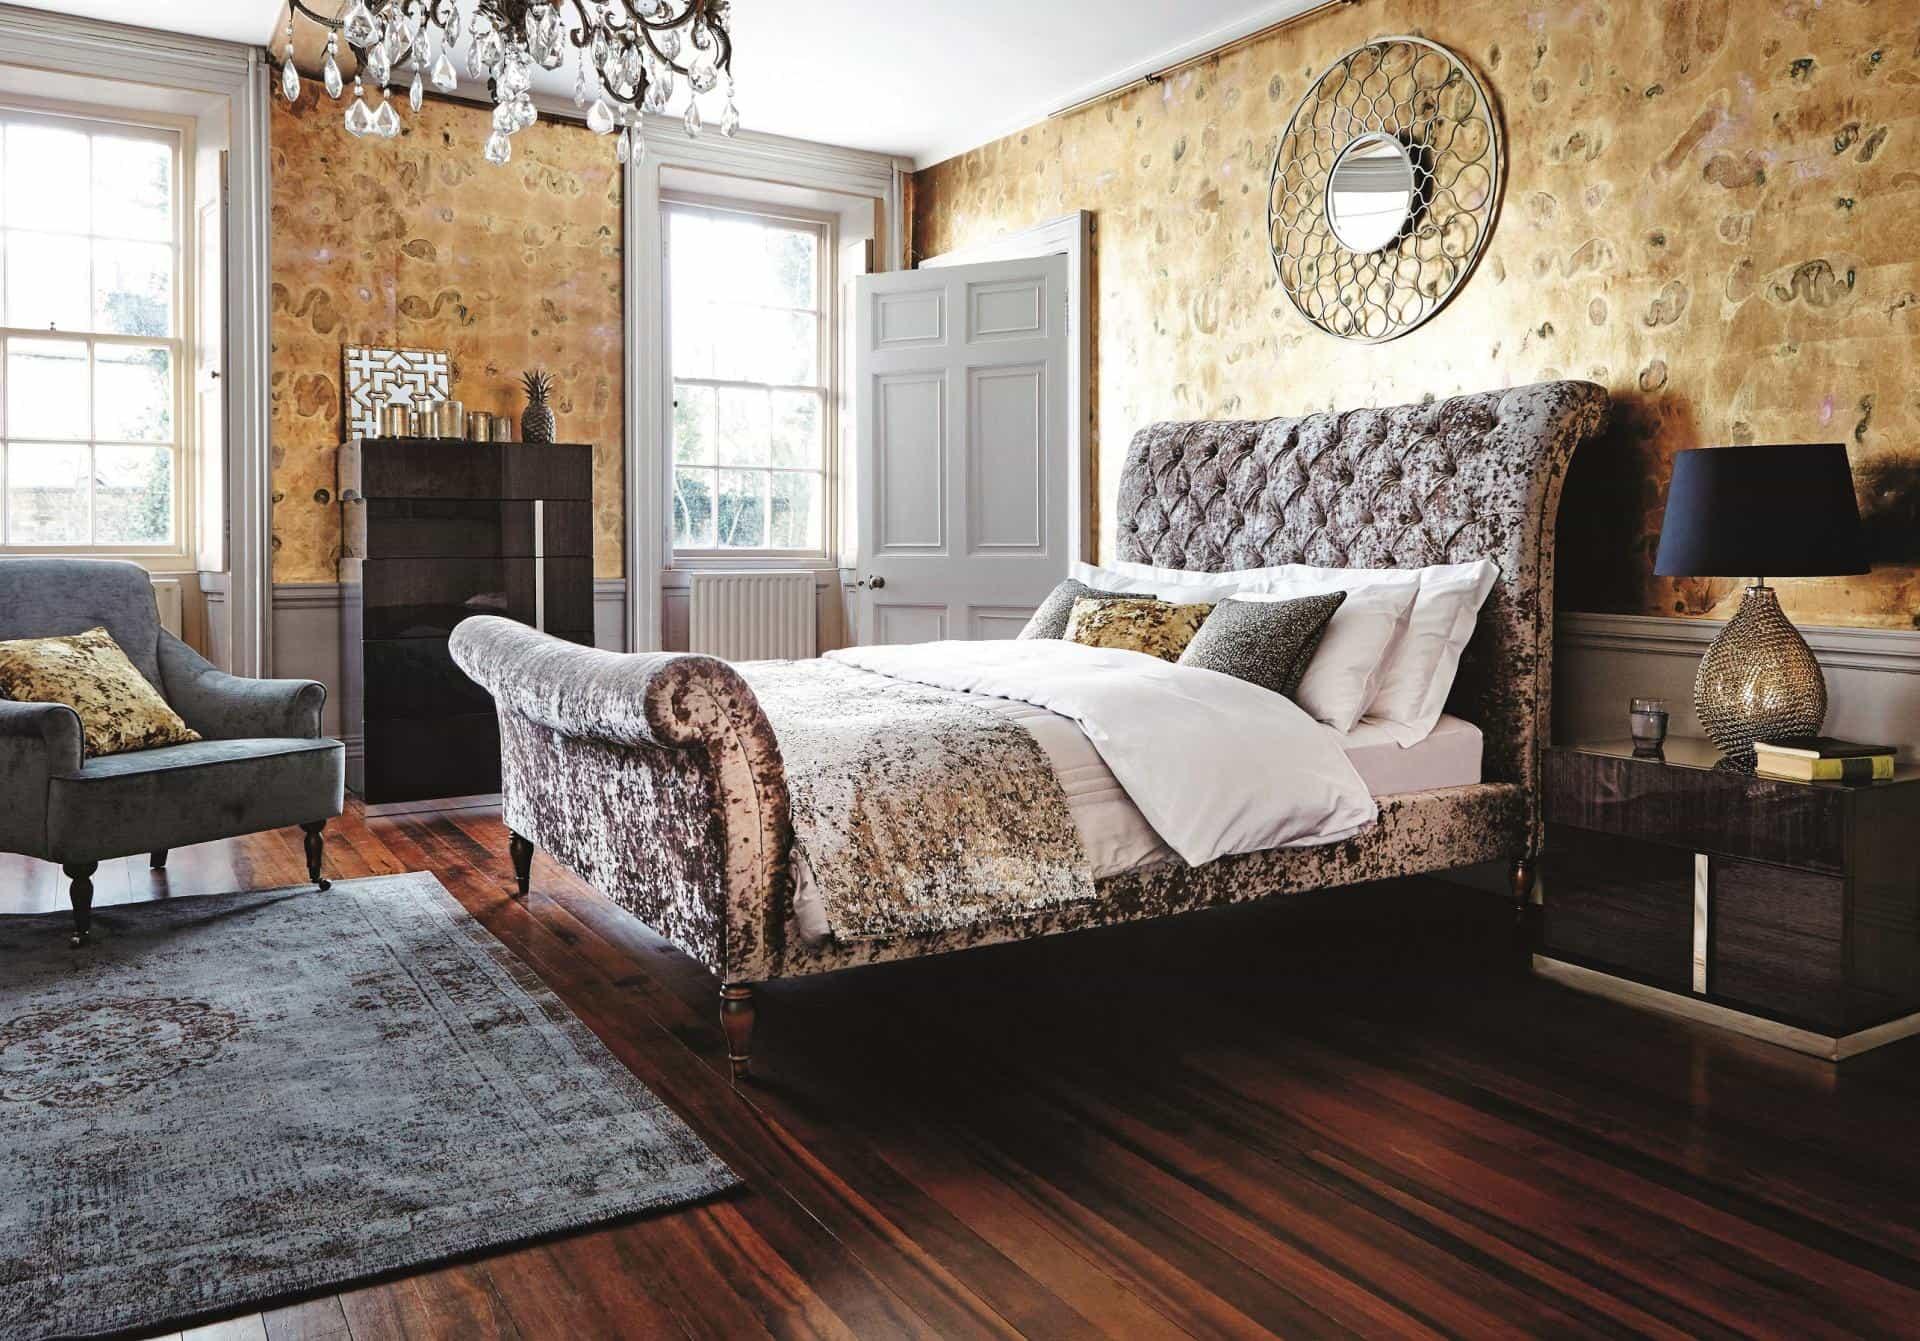 Art deco styled feminine bedroom with wooden floor